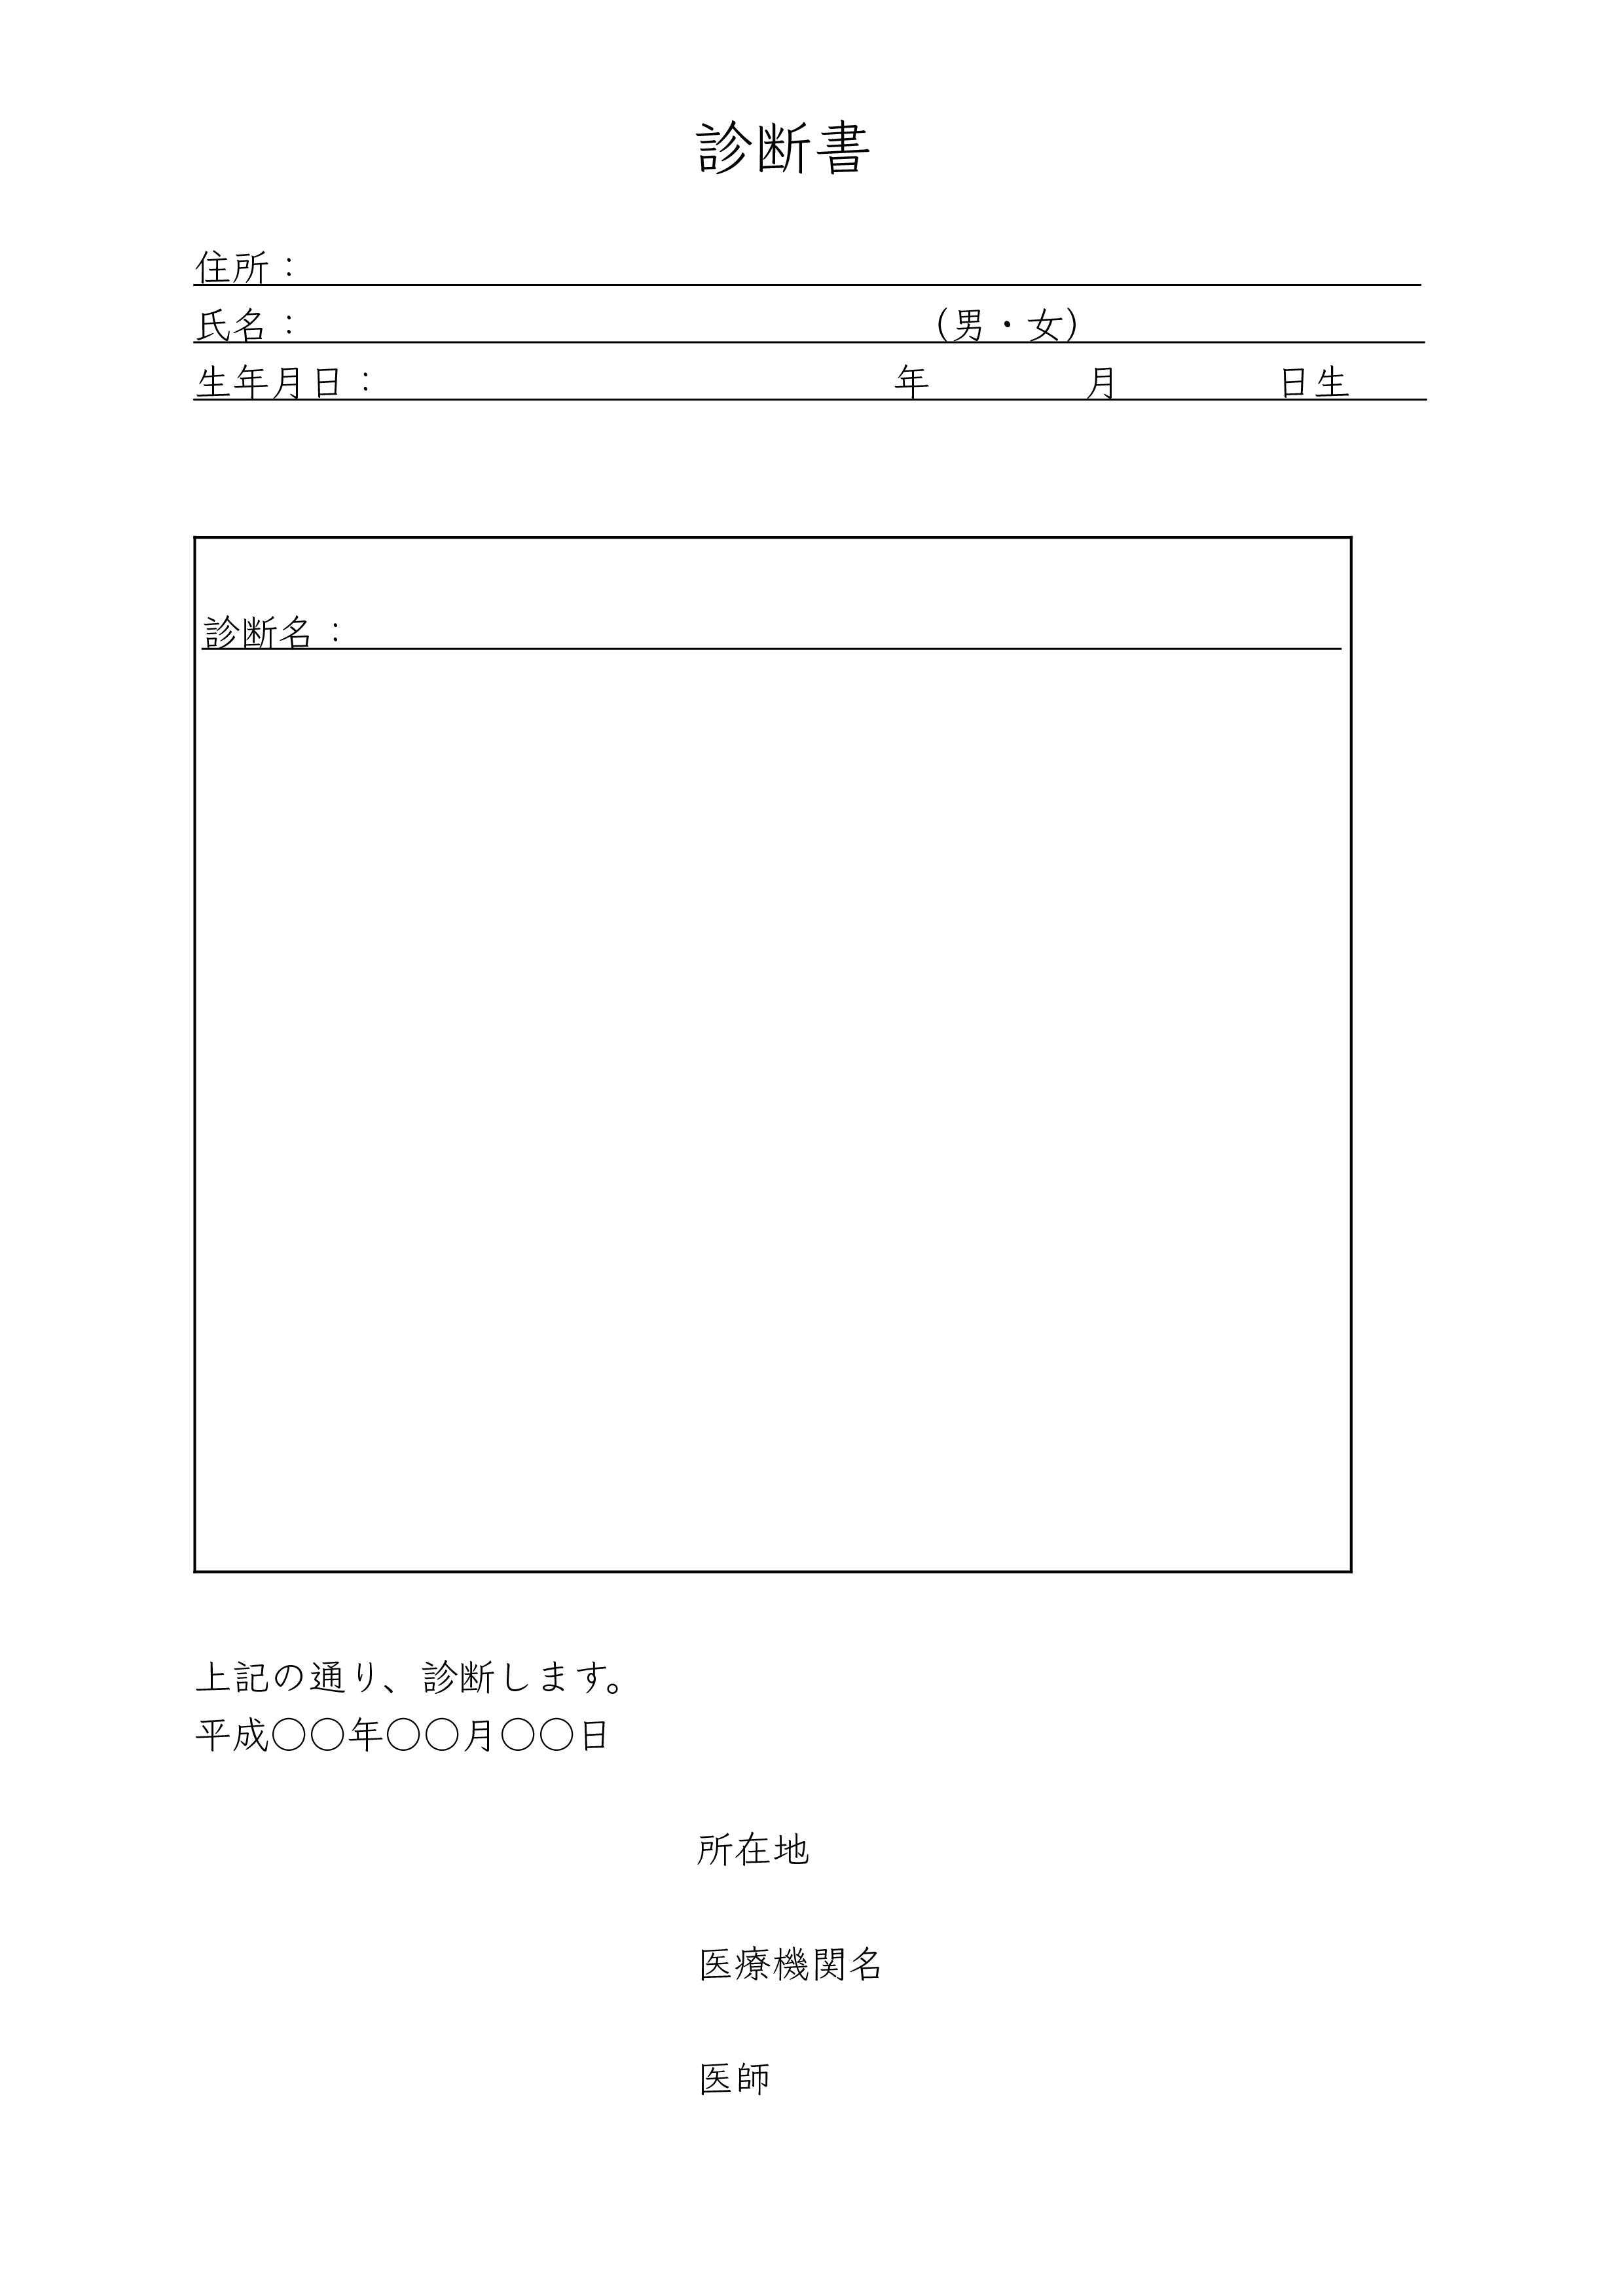 診断書テンプレート(ワード・ページズ)ベーシック